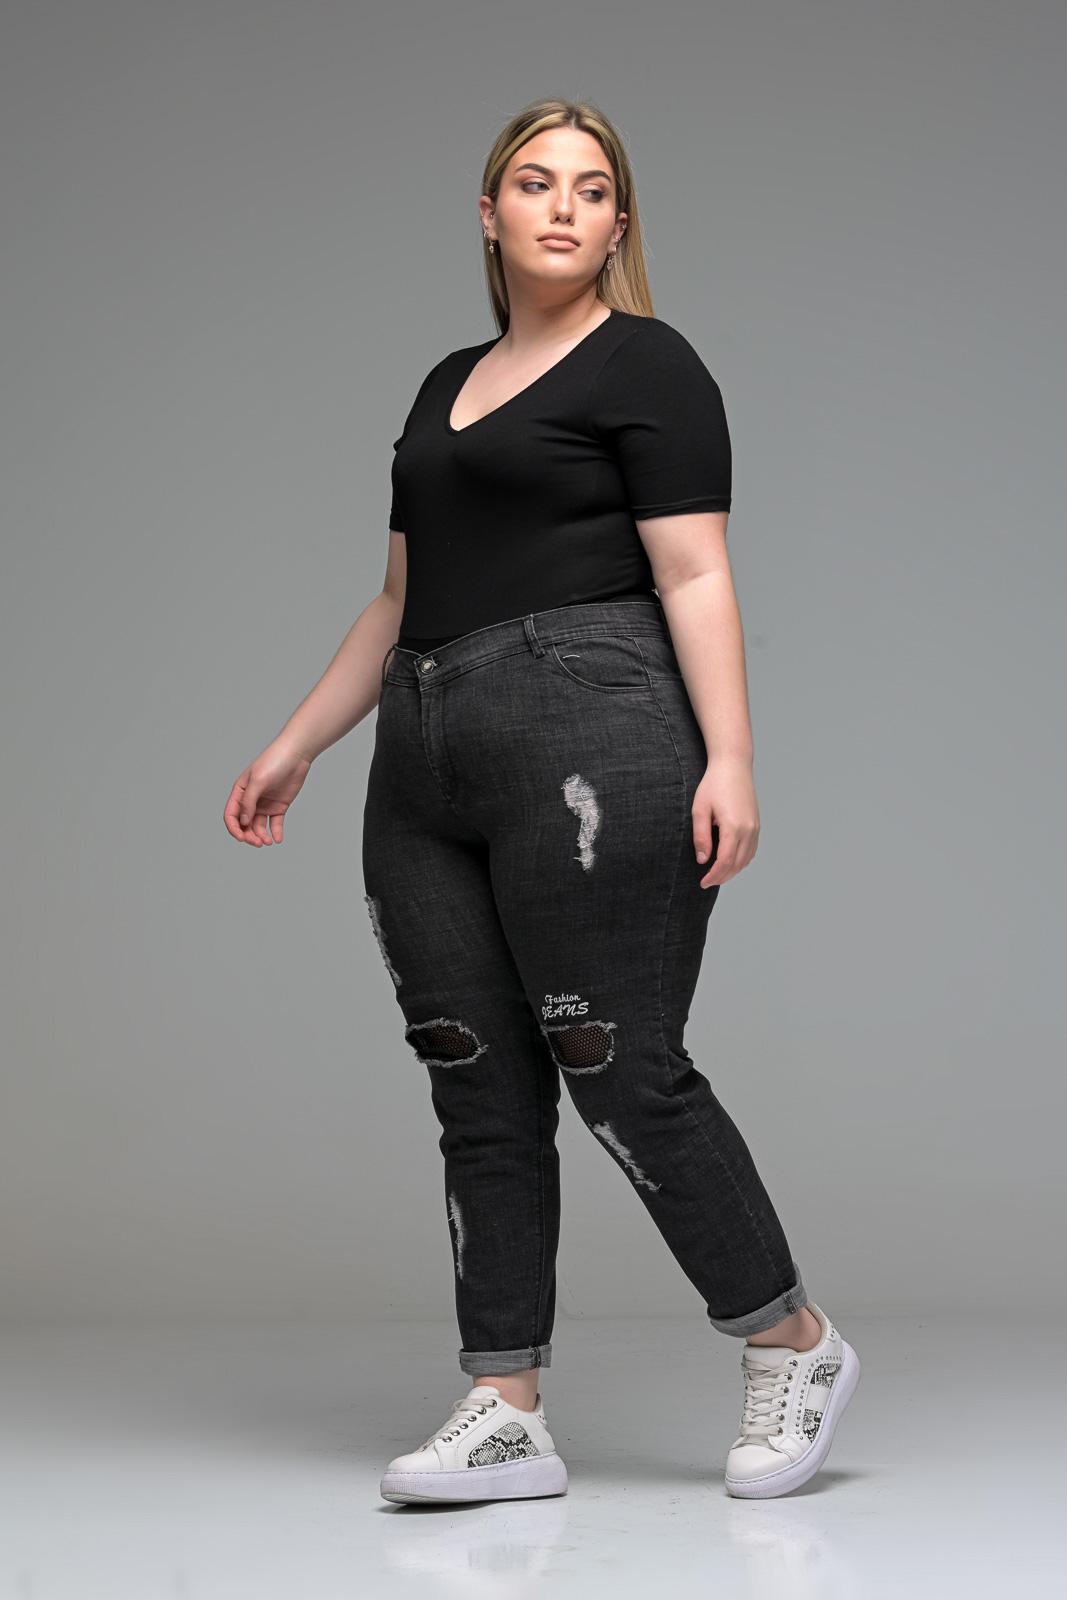 Τζιν +Psx ελαστικό μεγάλα μεγέθη με σκισίματα και δίχτυ στα γόνατα